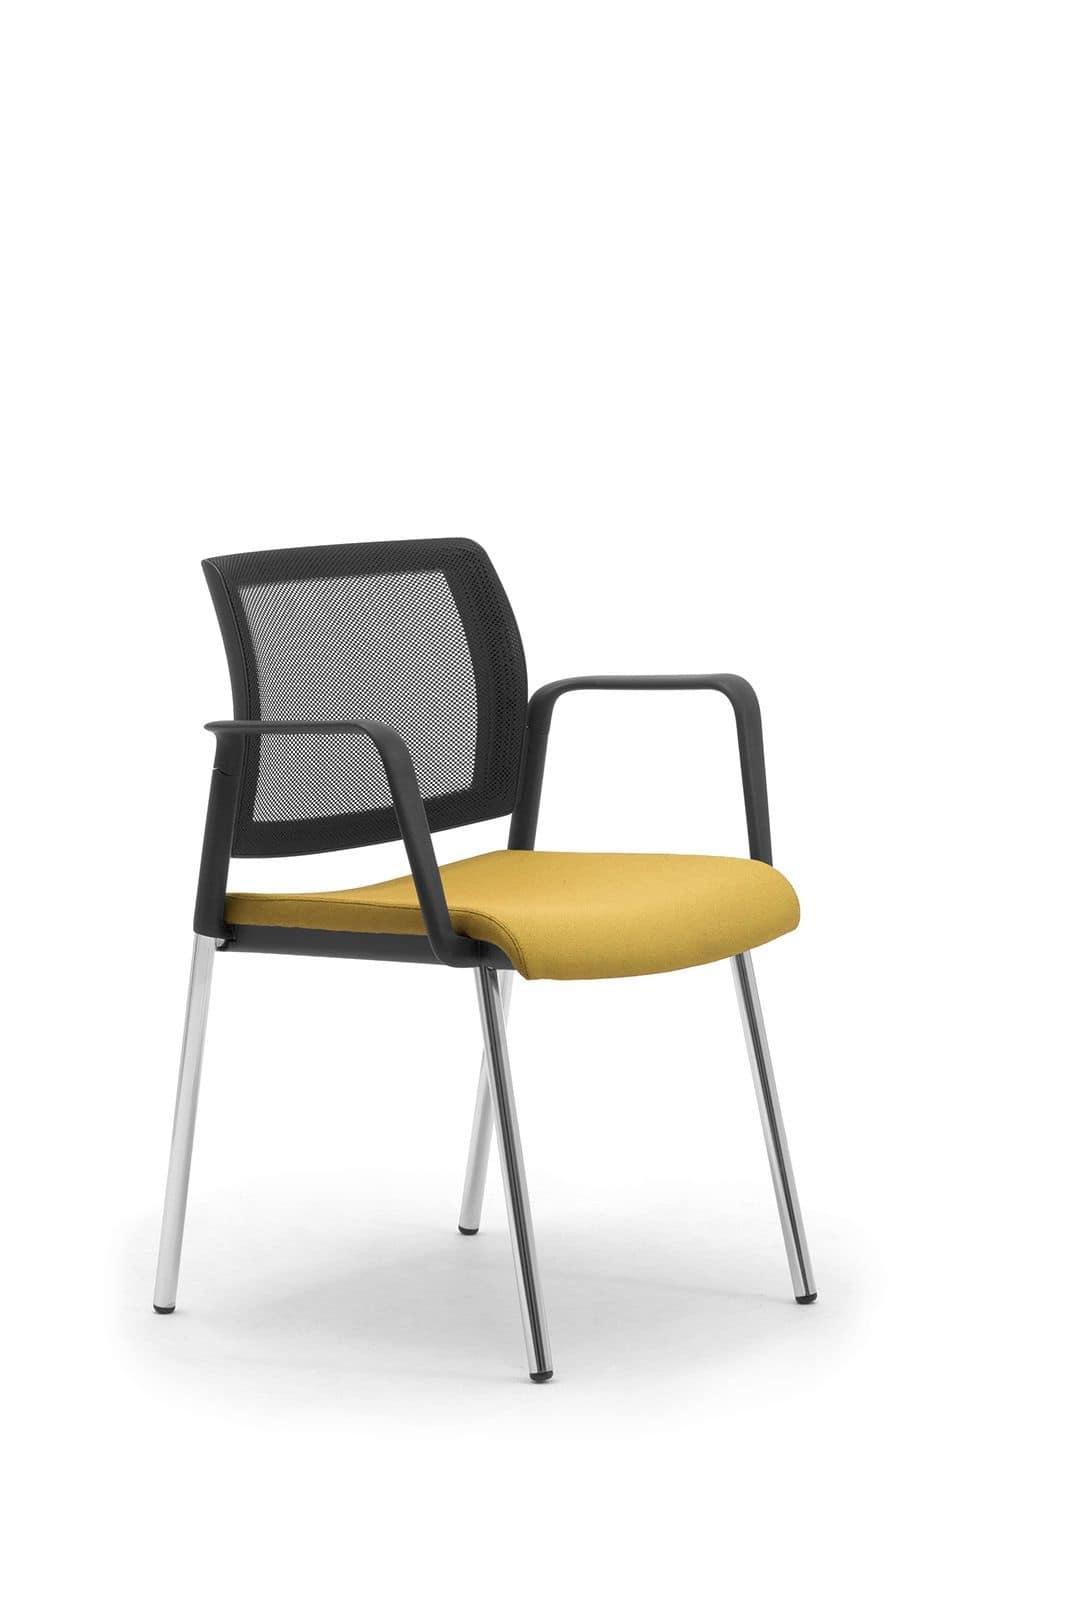 Wiki 4g, Sedia con schienale in rete ideale per ufficio clienti e sale attesa